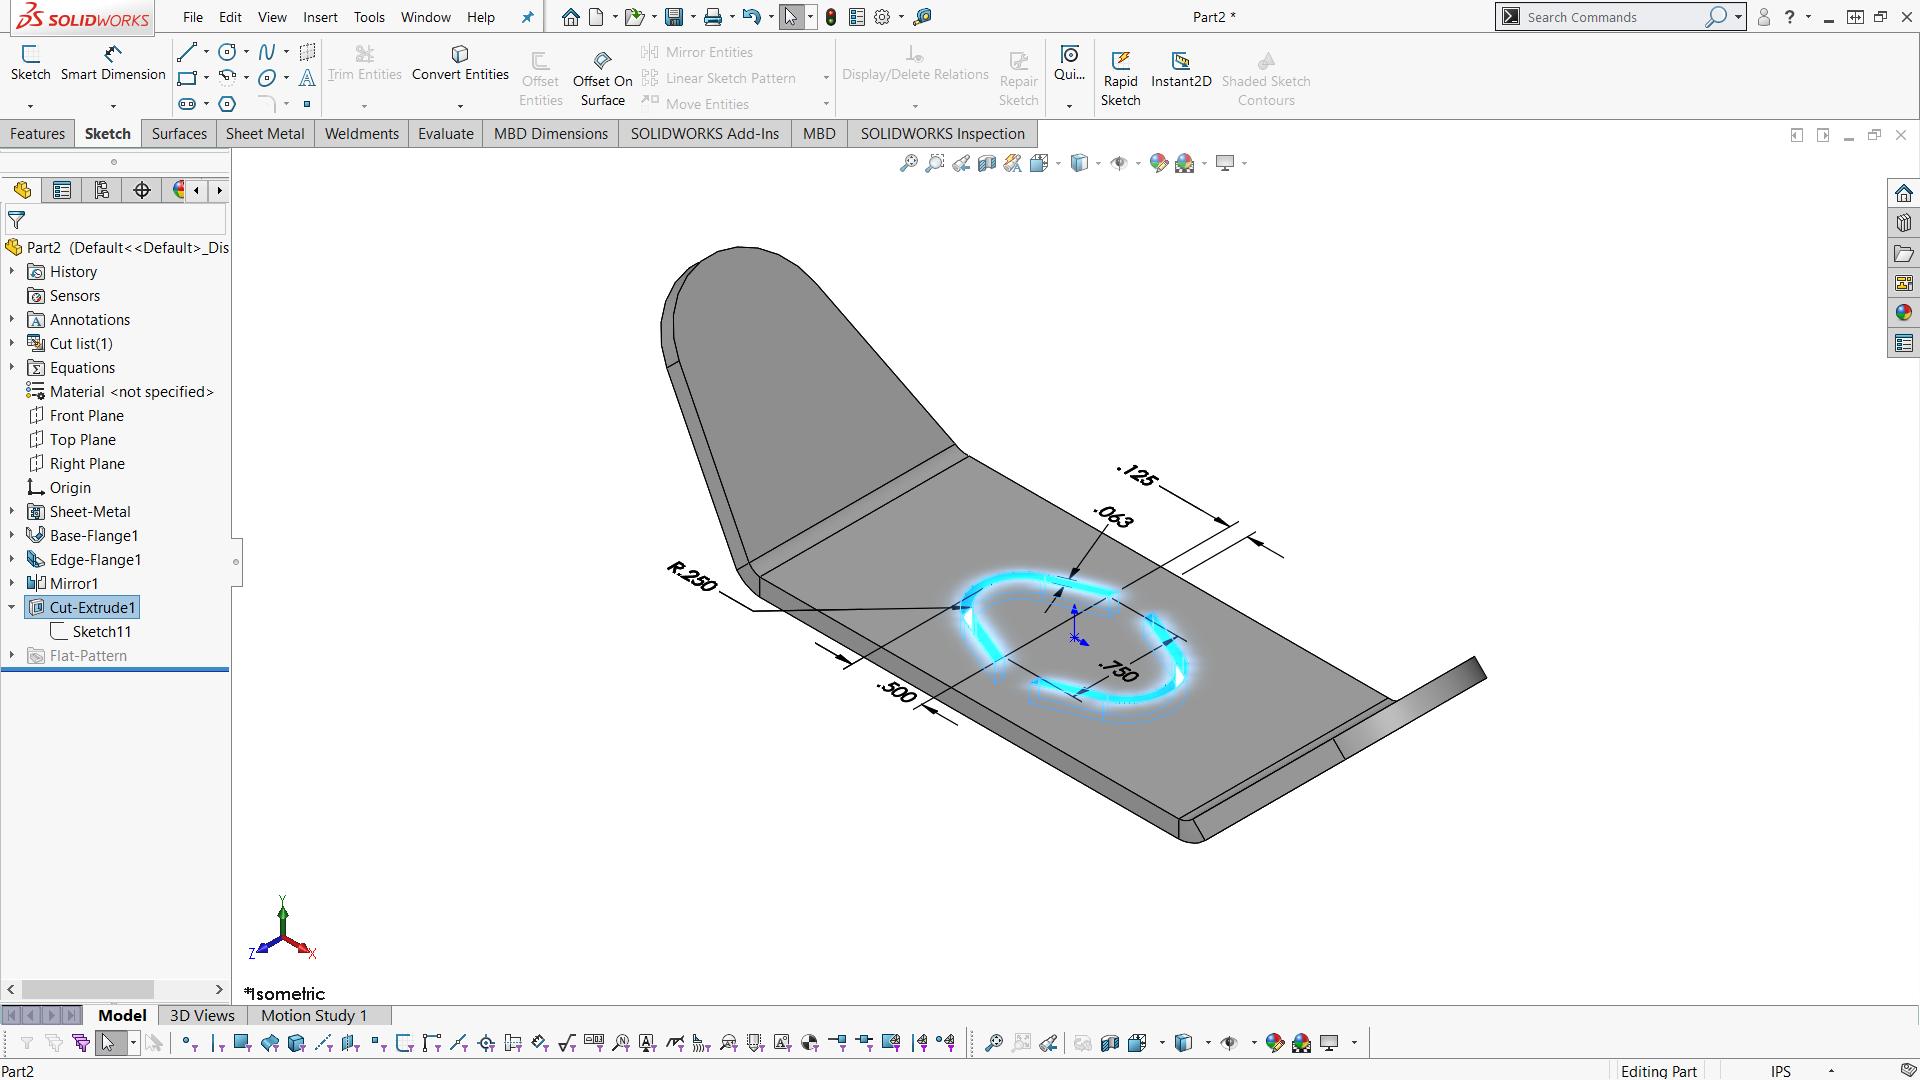 Solidworks Sheet Metal Sketch Bend Vs Edge Flange